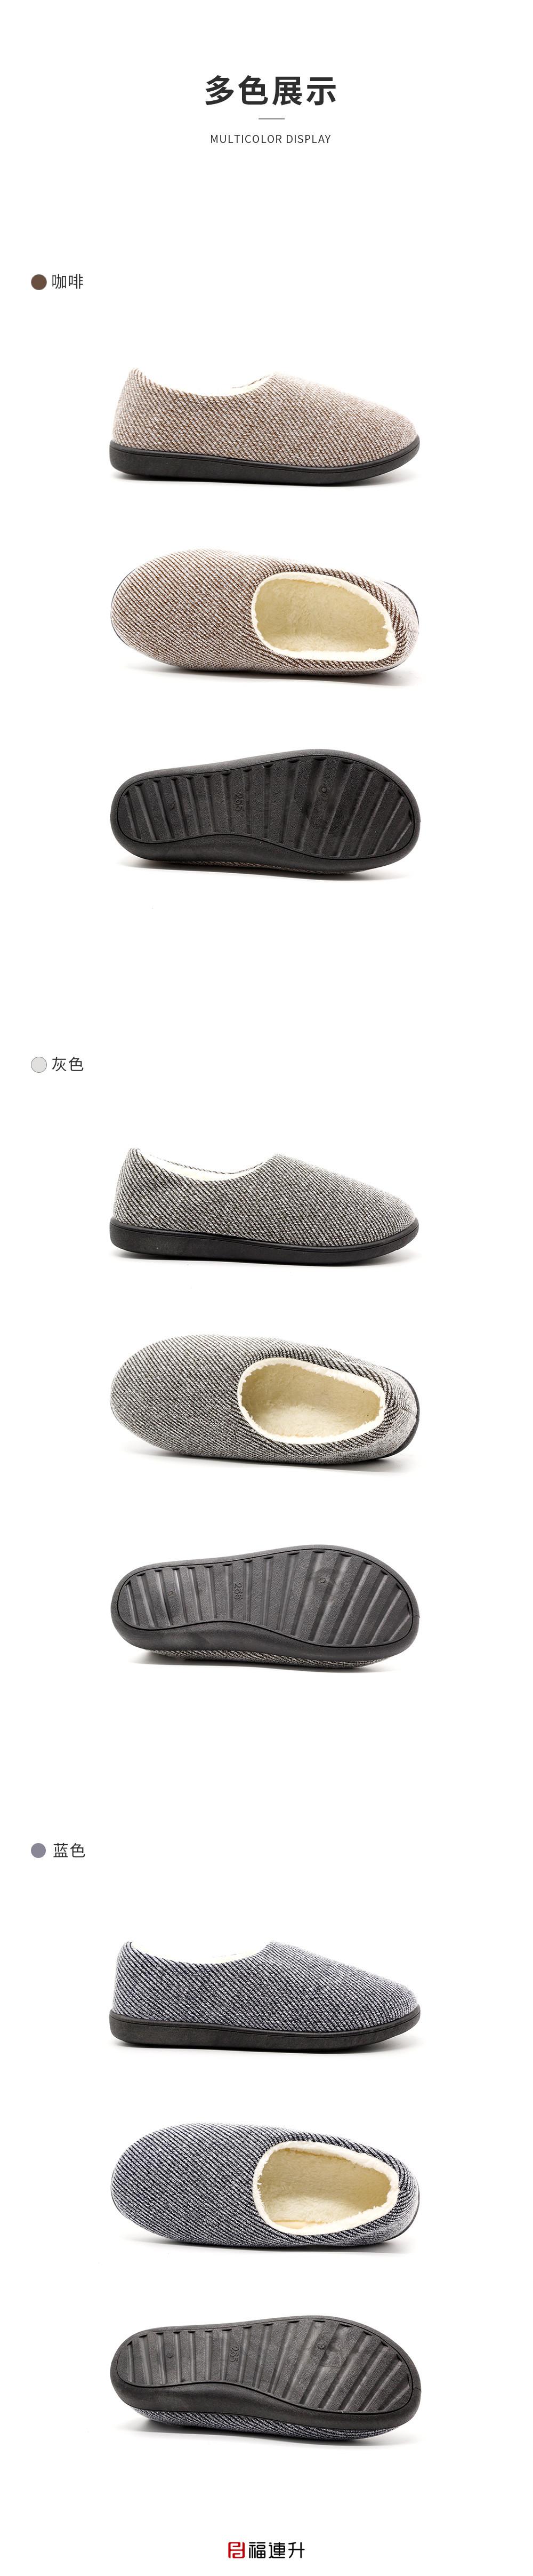 福连升2020冬季新款男家居针织布保暖舒适棉拖鞋图片